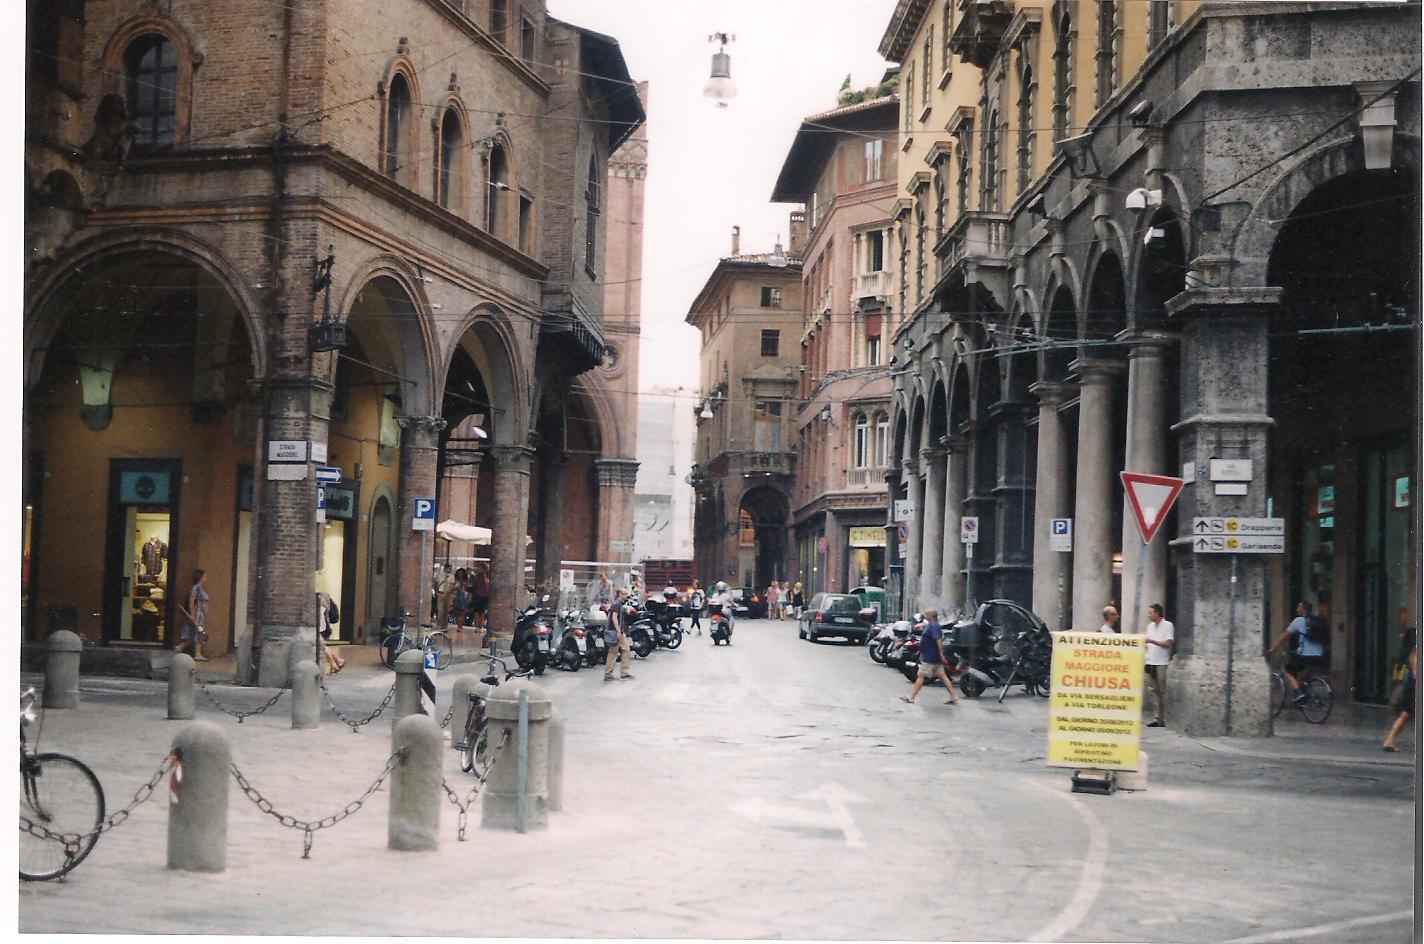 bologna centro storico immagini buon - photo#4